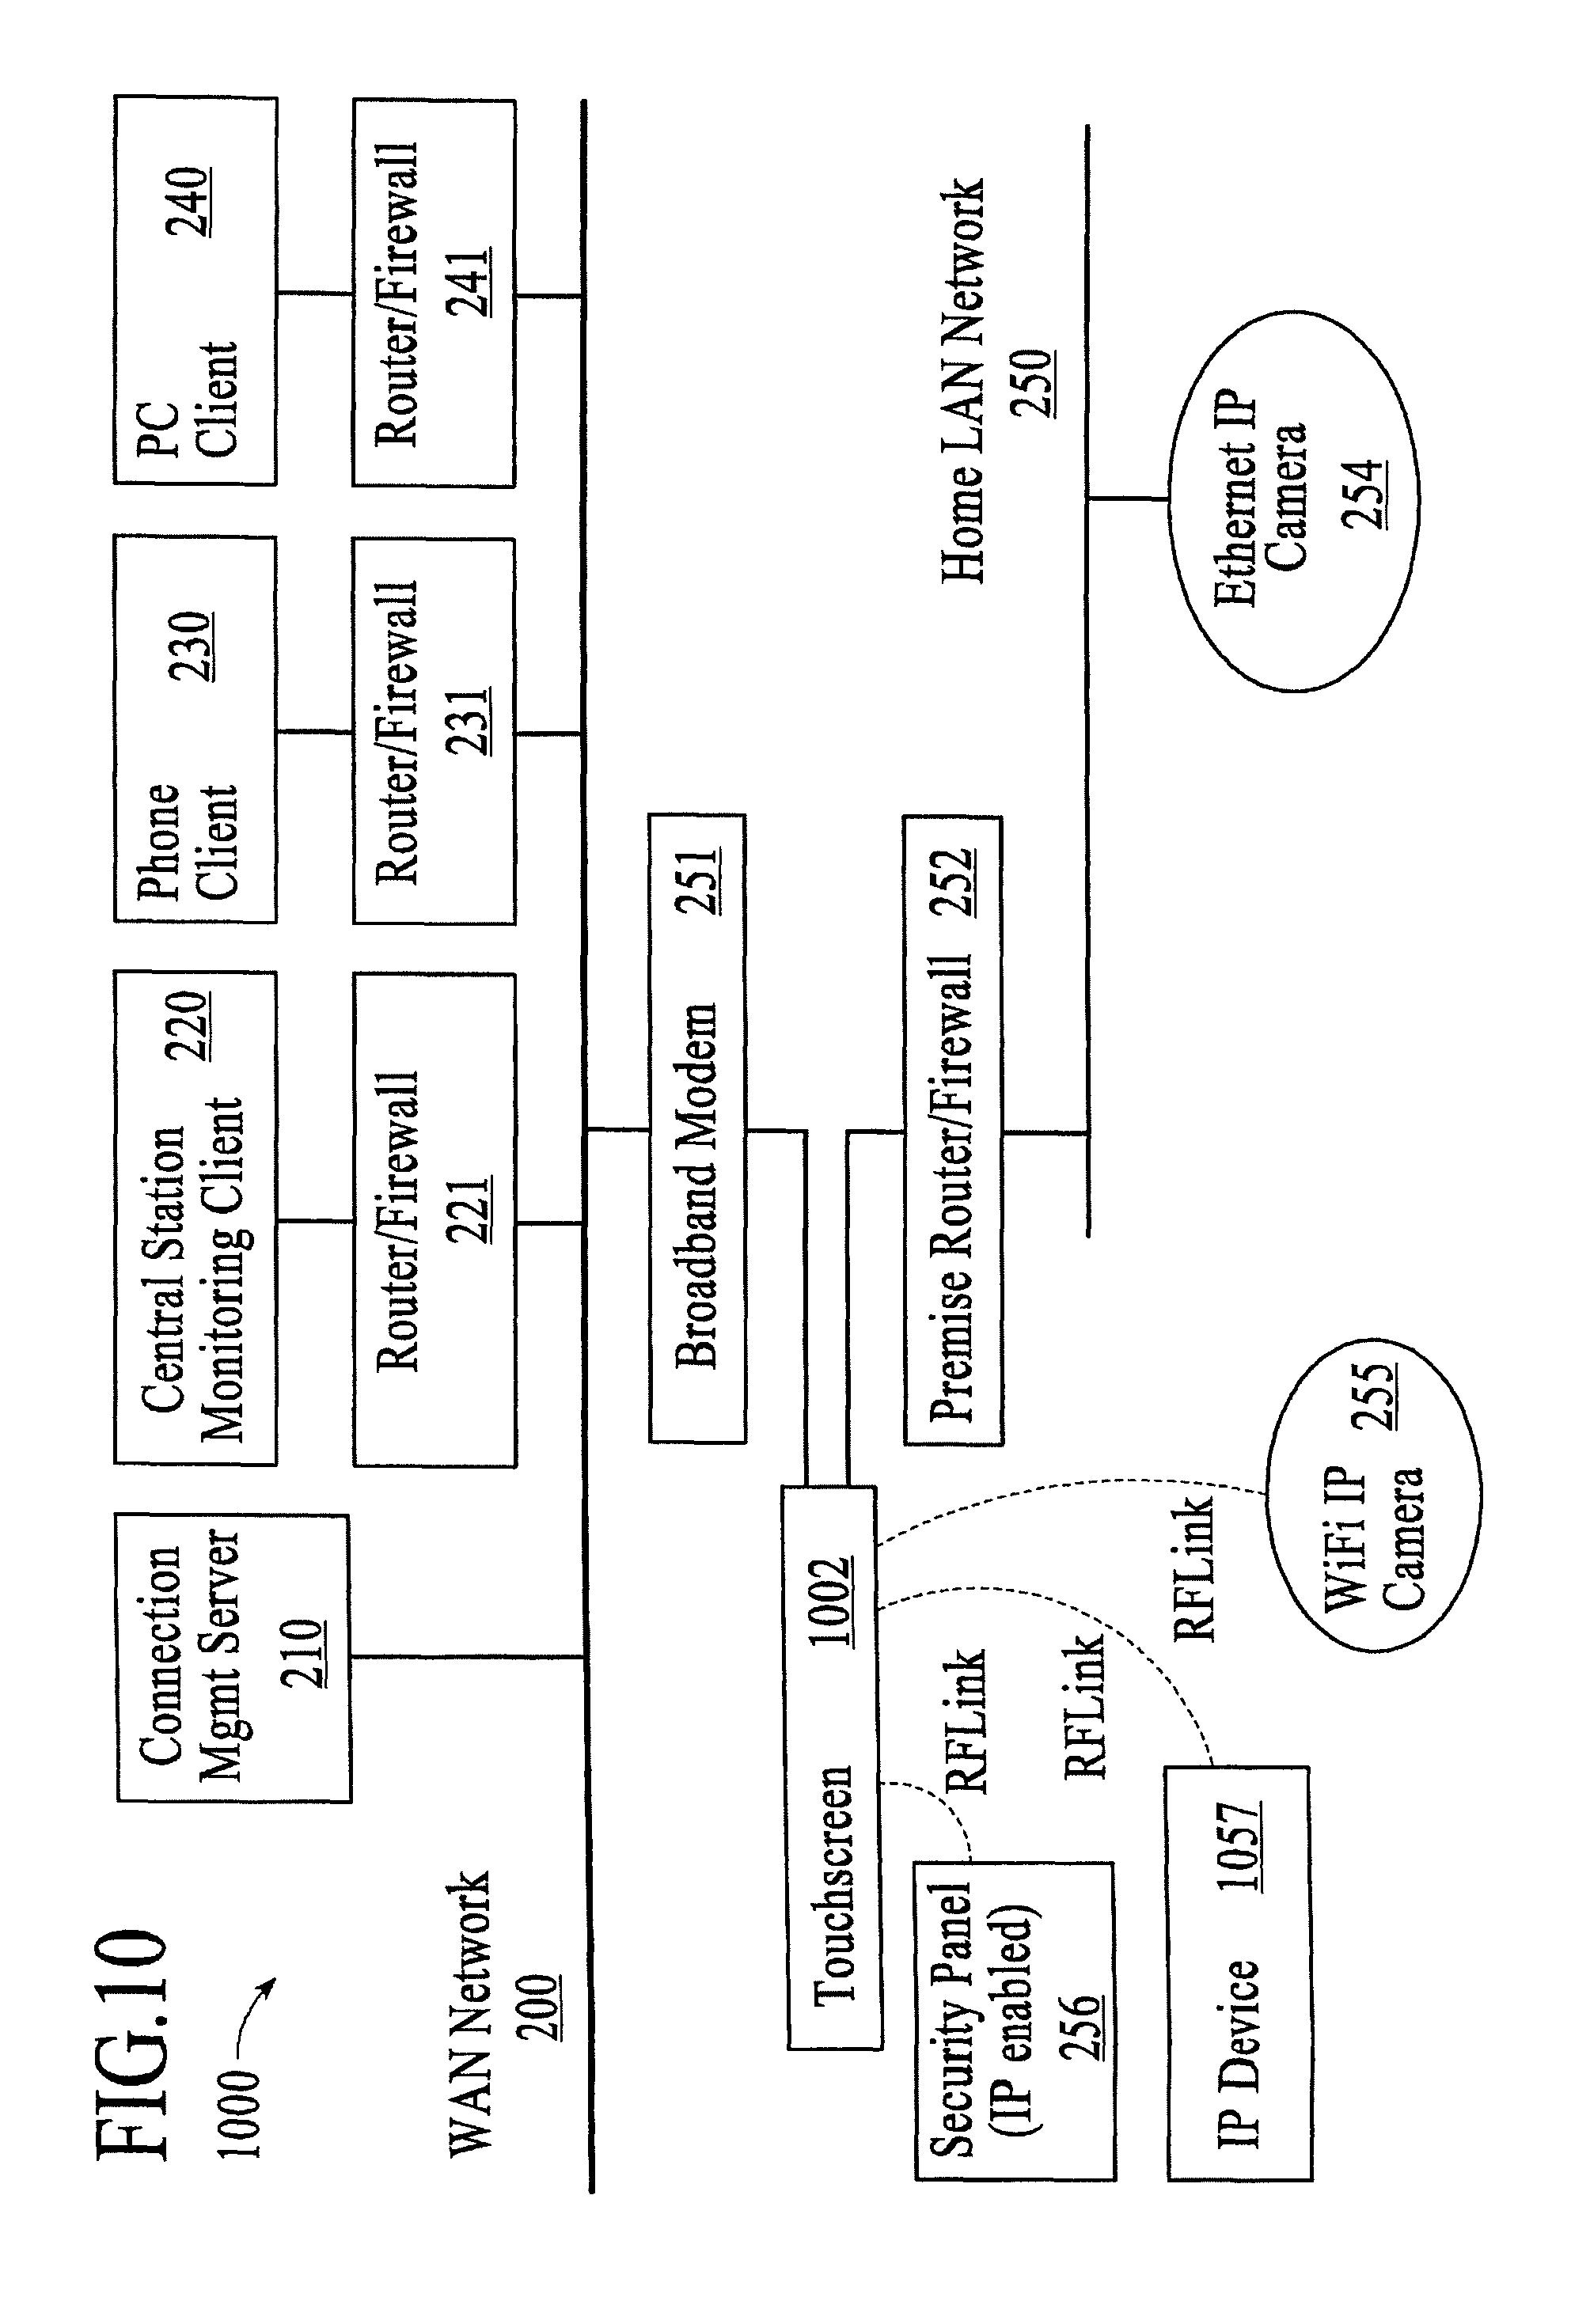 Backup Camera Monitor Diagram Likewise Ford F 250 Backup Camera Wiring